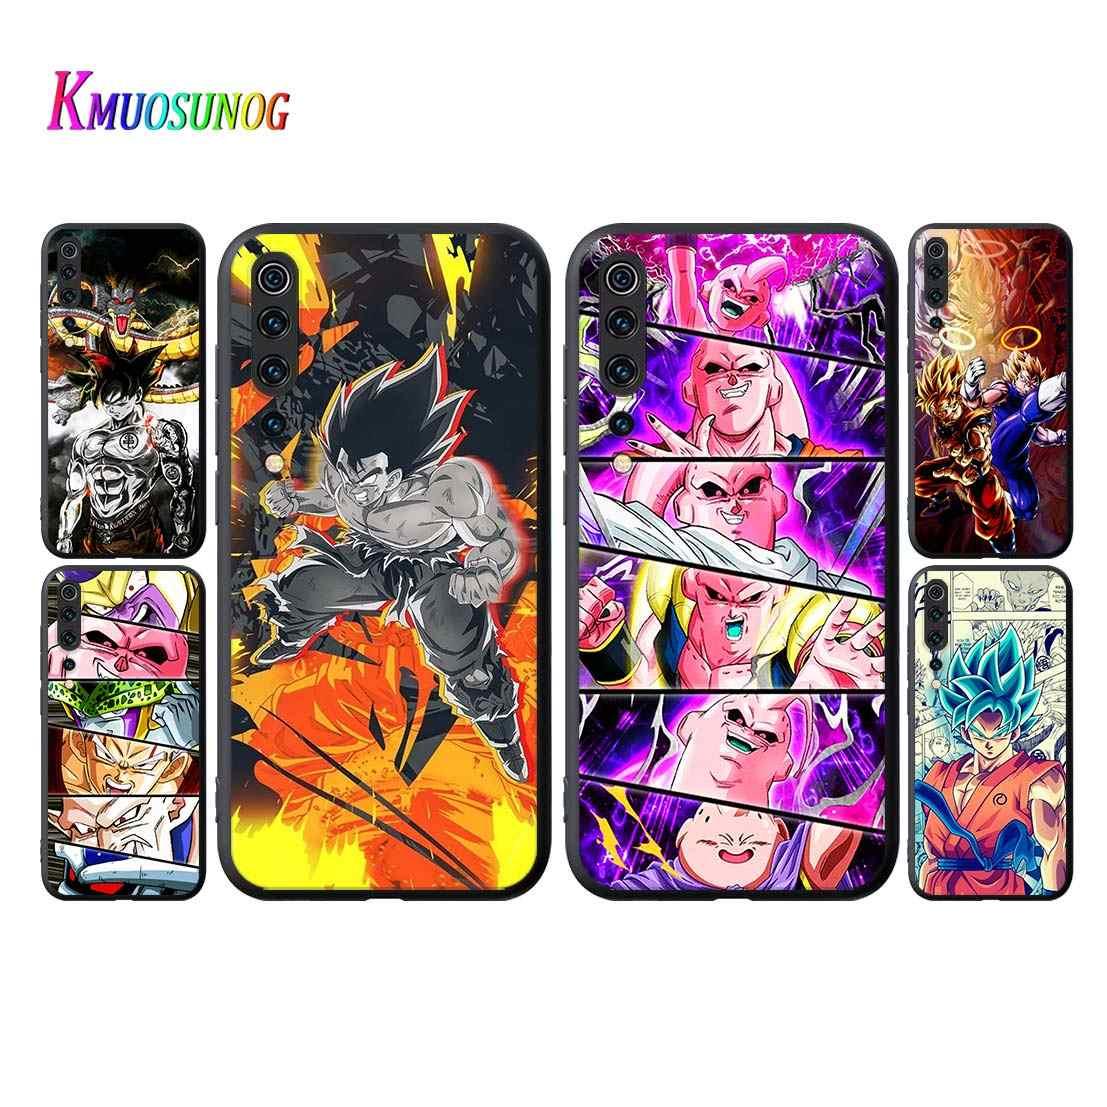 Dragon Ball Z DBZ Goku tarzı kapak için Xiaomi Mi 9 9T CC9 10 Lite 5G Pro not 10 9 SE 8 A3 A2 6X Lite telefon kılıfı